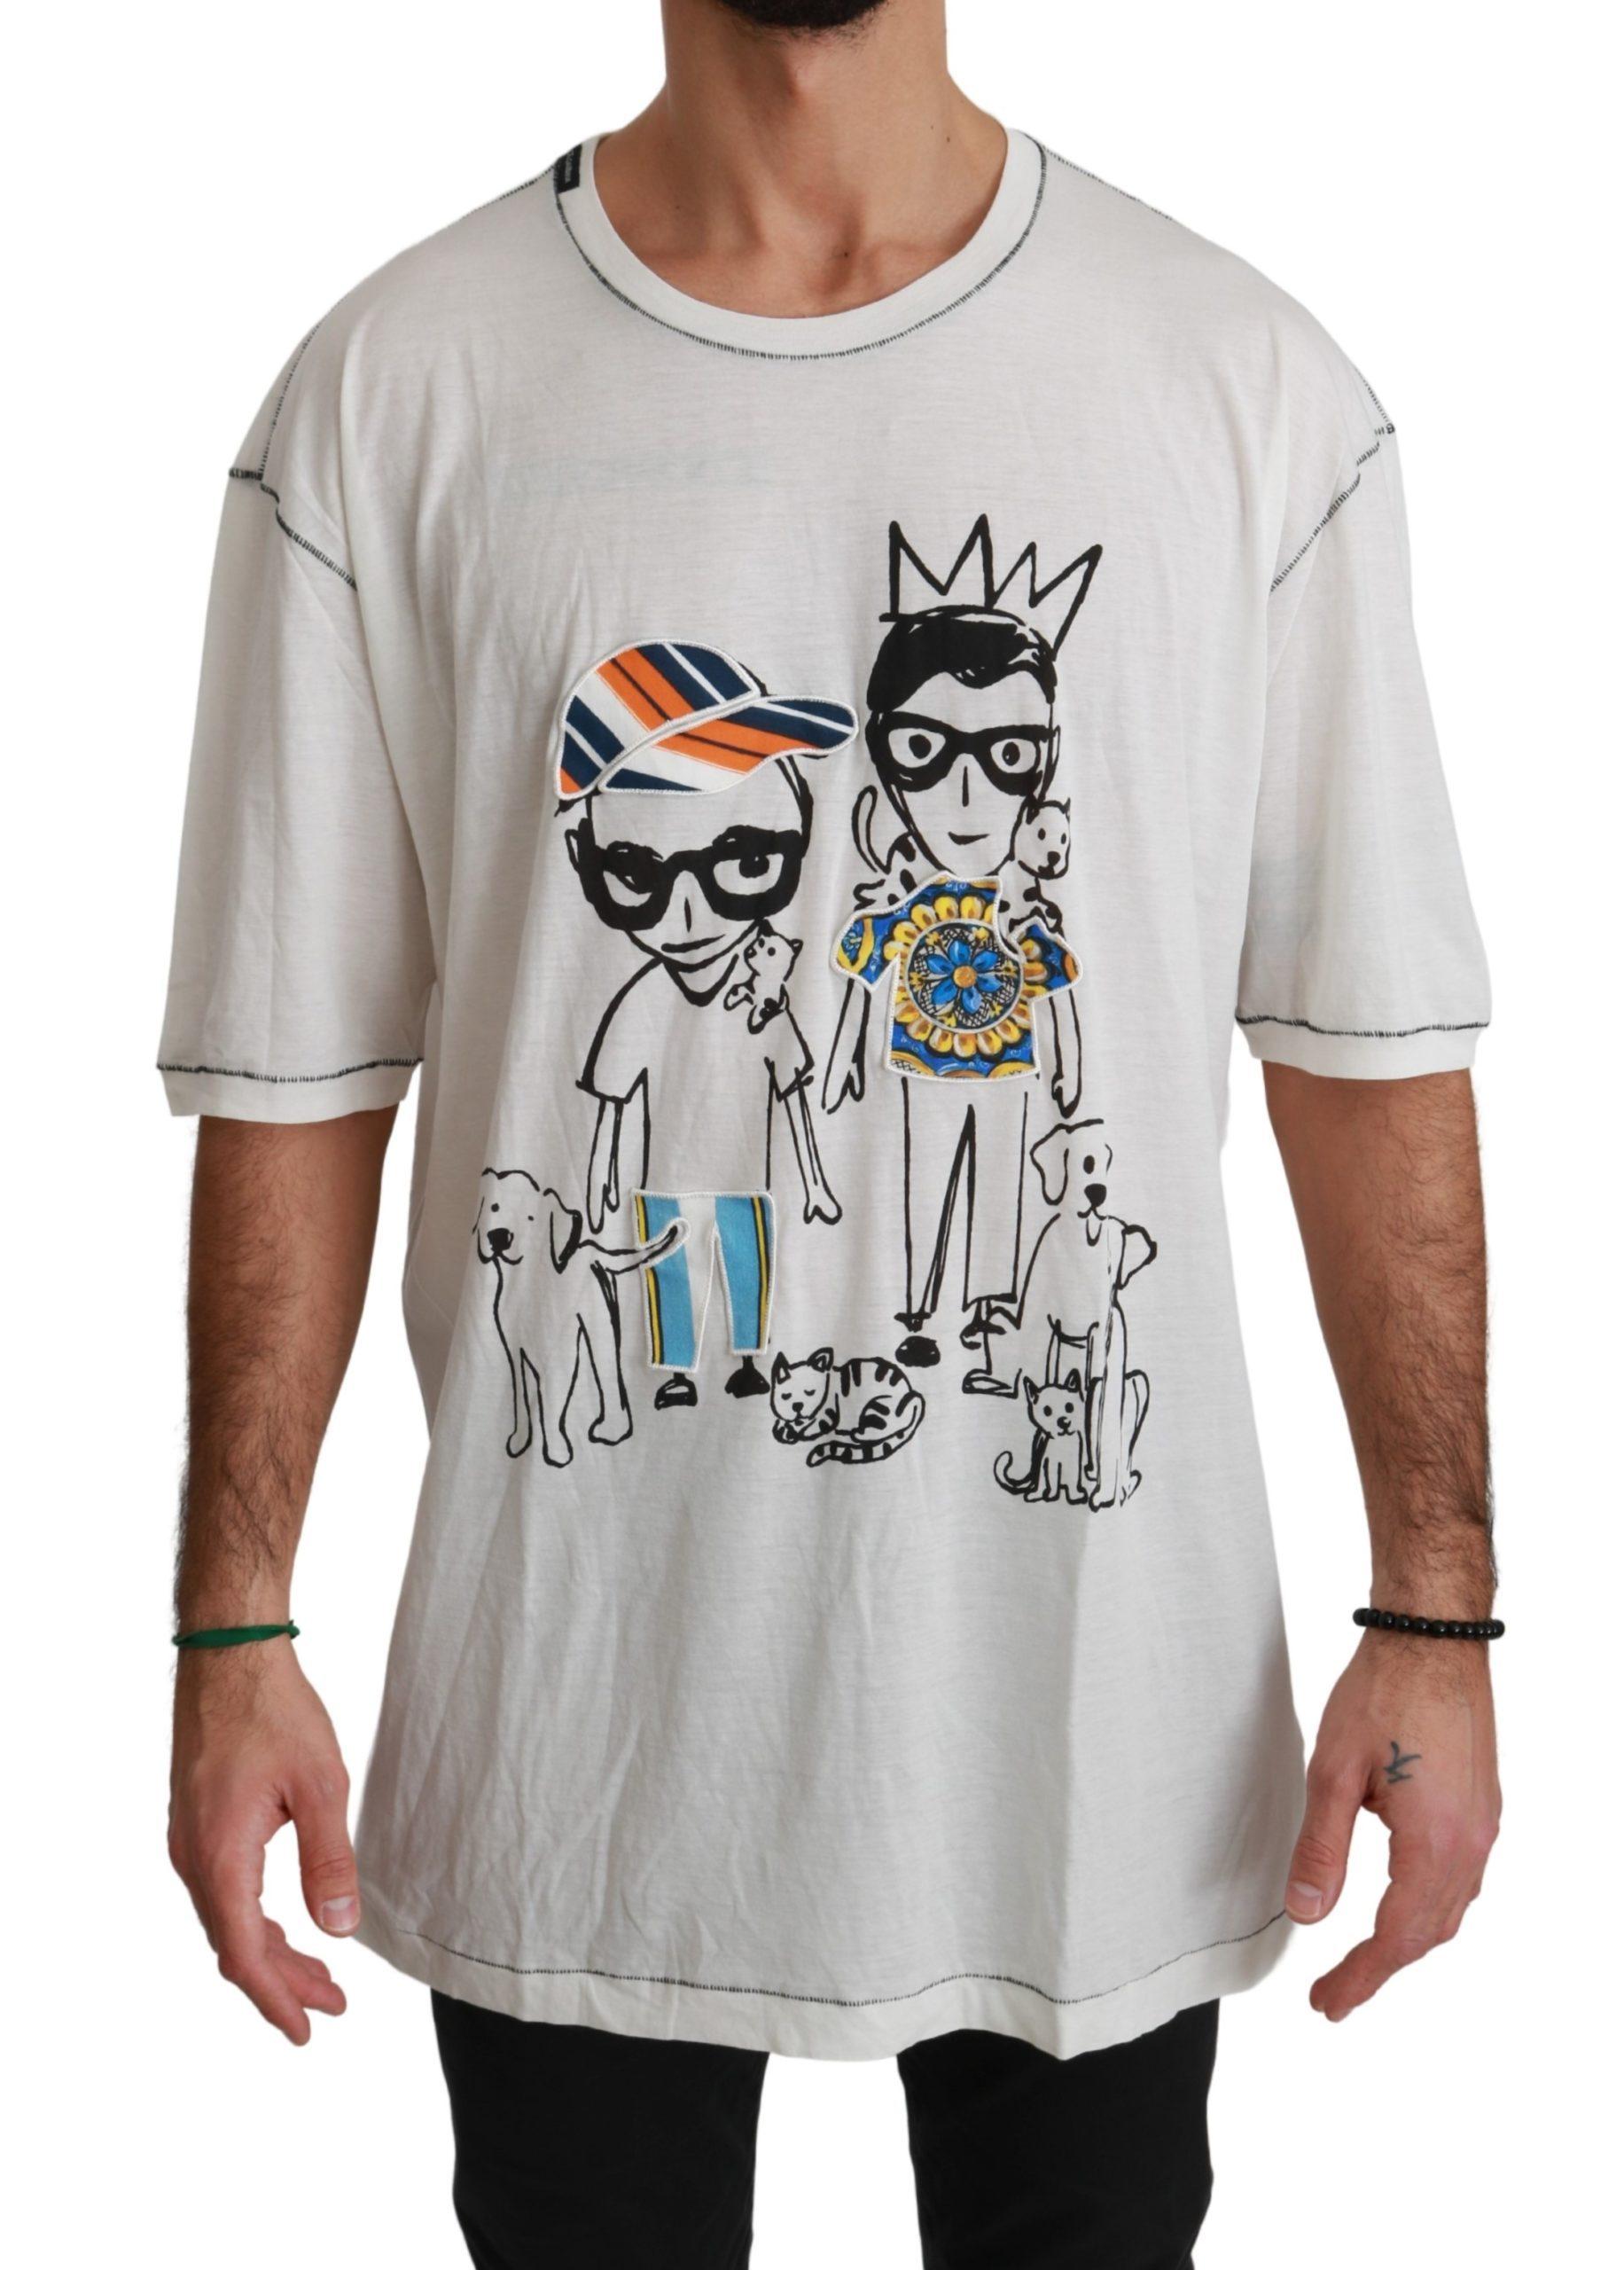 Dolce & Gabbana Men's Printed Cotton T-Shirts White/Black TSH4477 - IT54 | XL